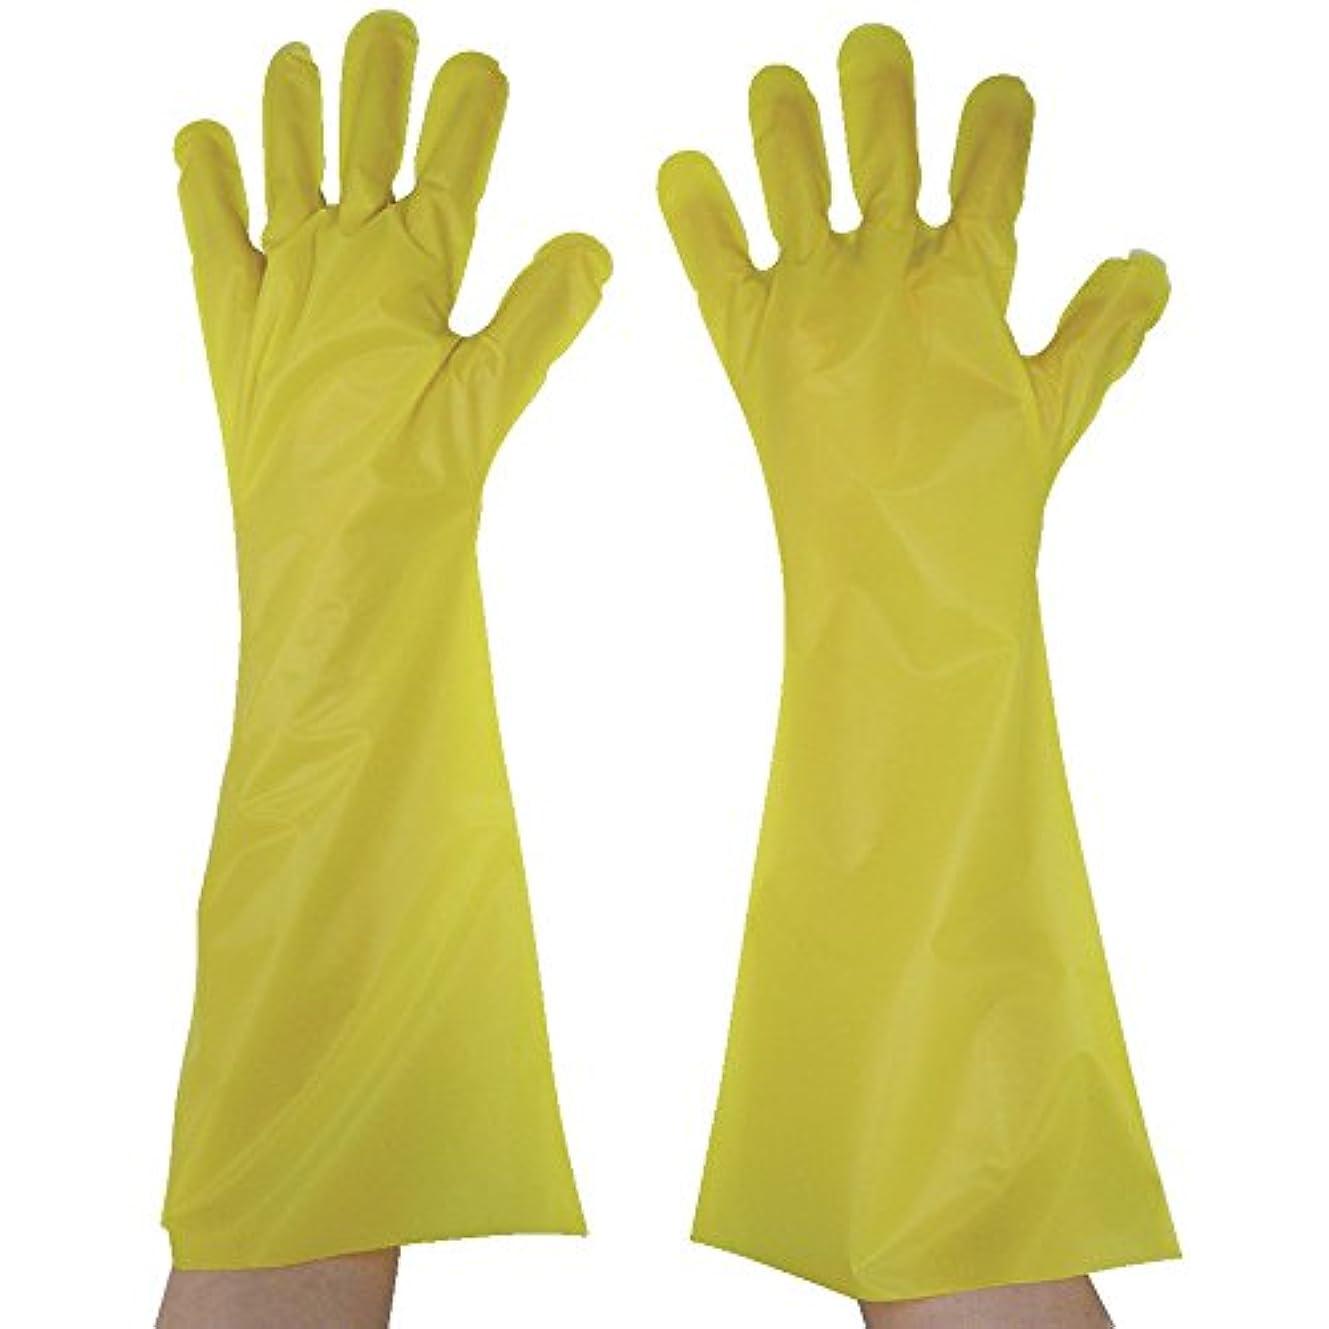 議論する険しい最終東京パック エンボス手袋ロング五本絞り イエロー L YL45L ポリエチレン使い捨て手袋